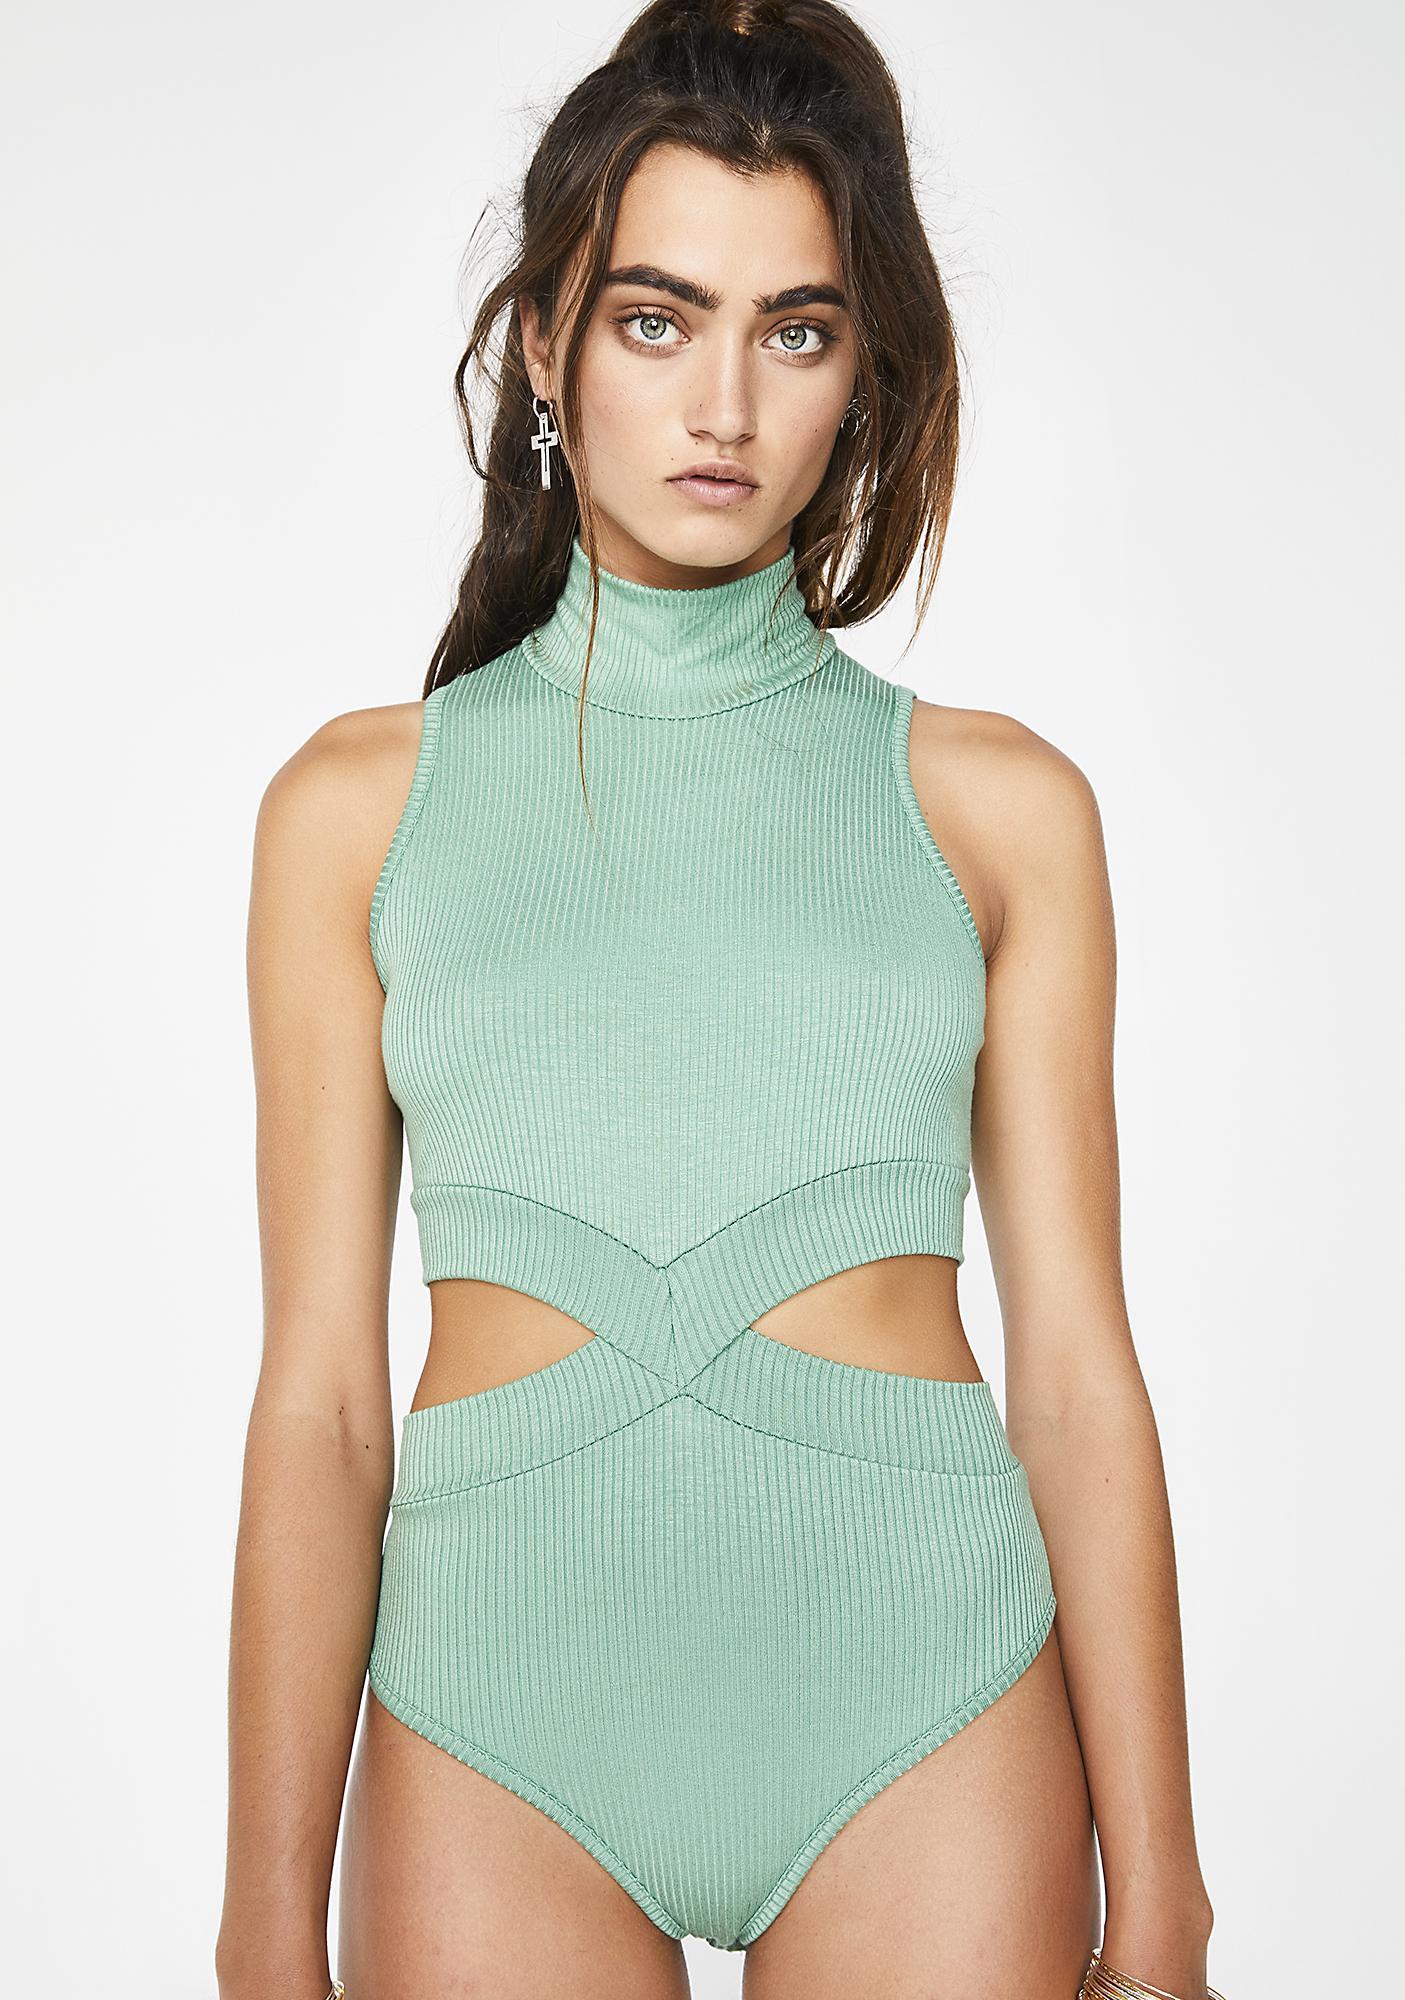 Kush Euphonic Tonic Cutout Bodysuit